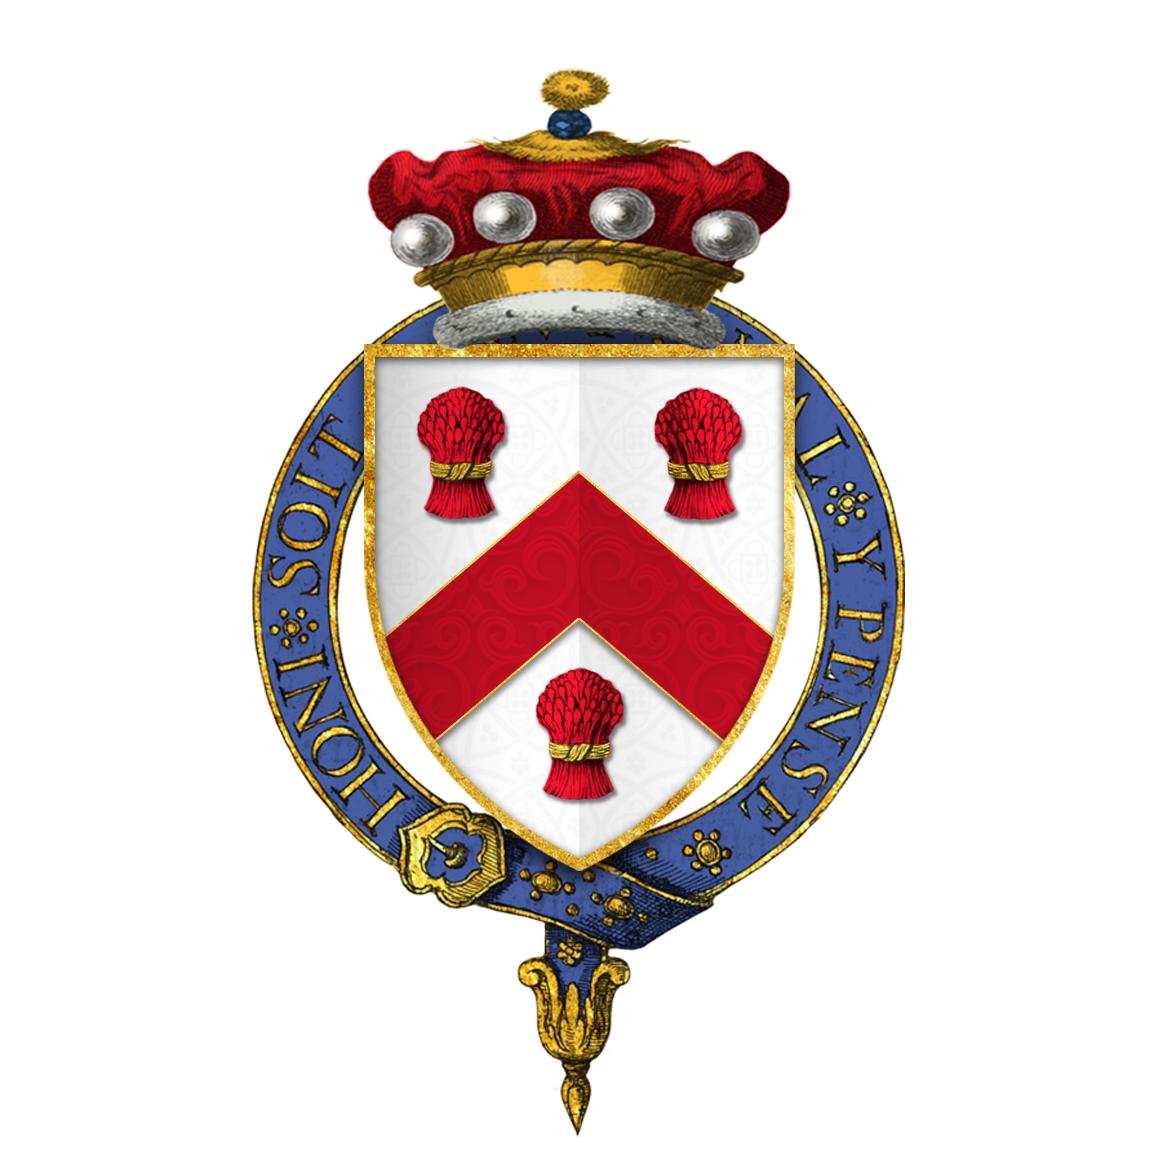 sheffield baronets wikipedia